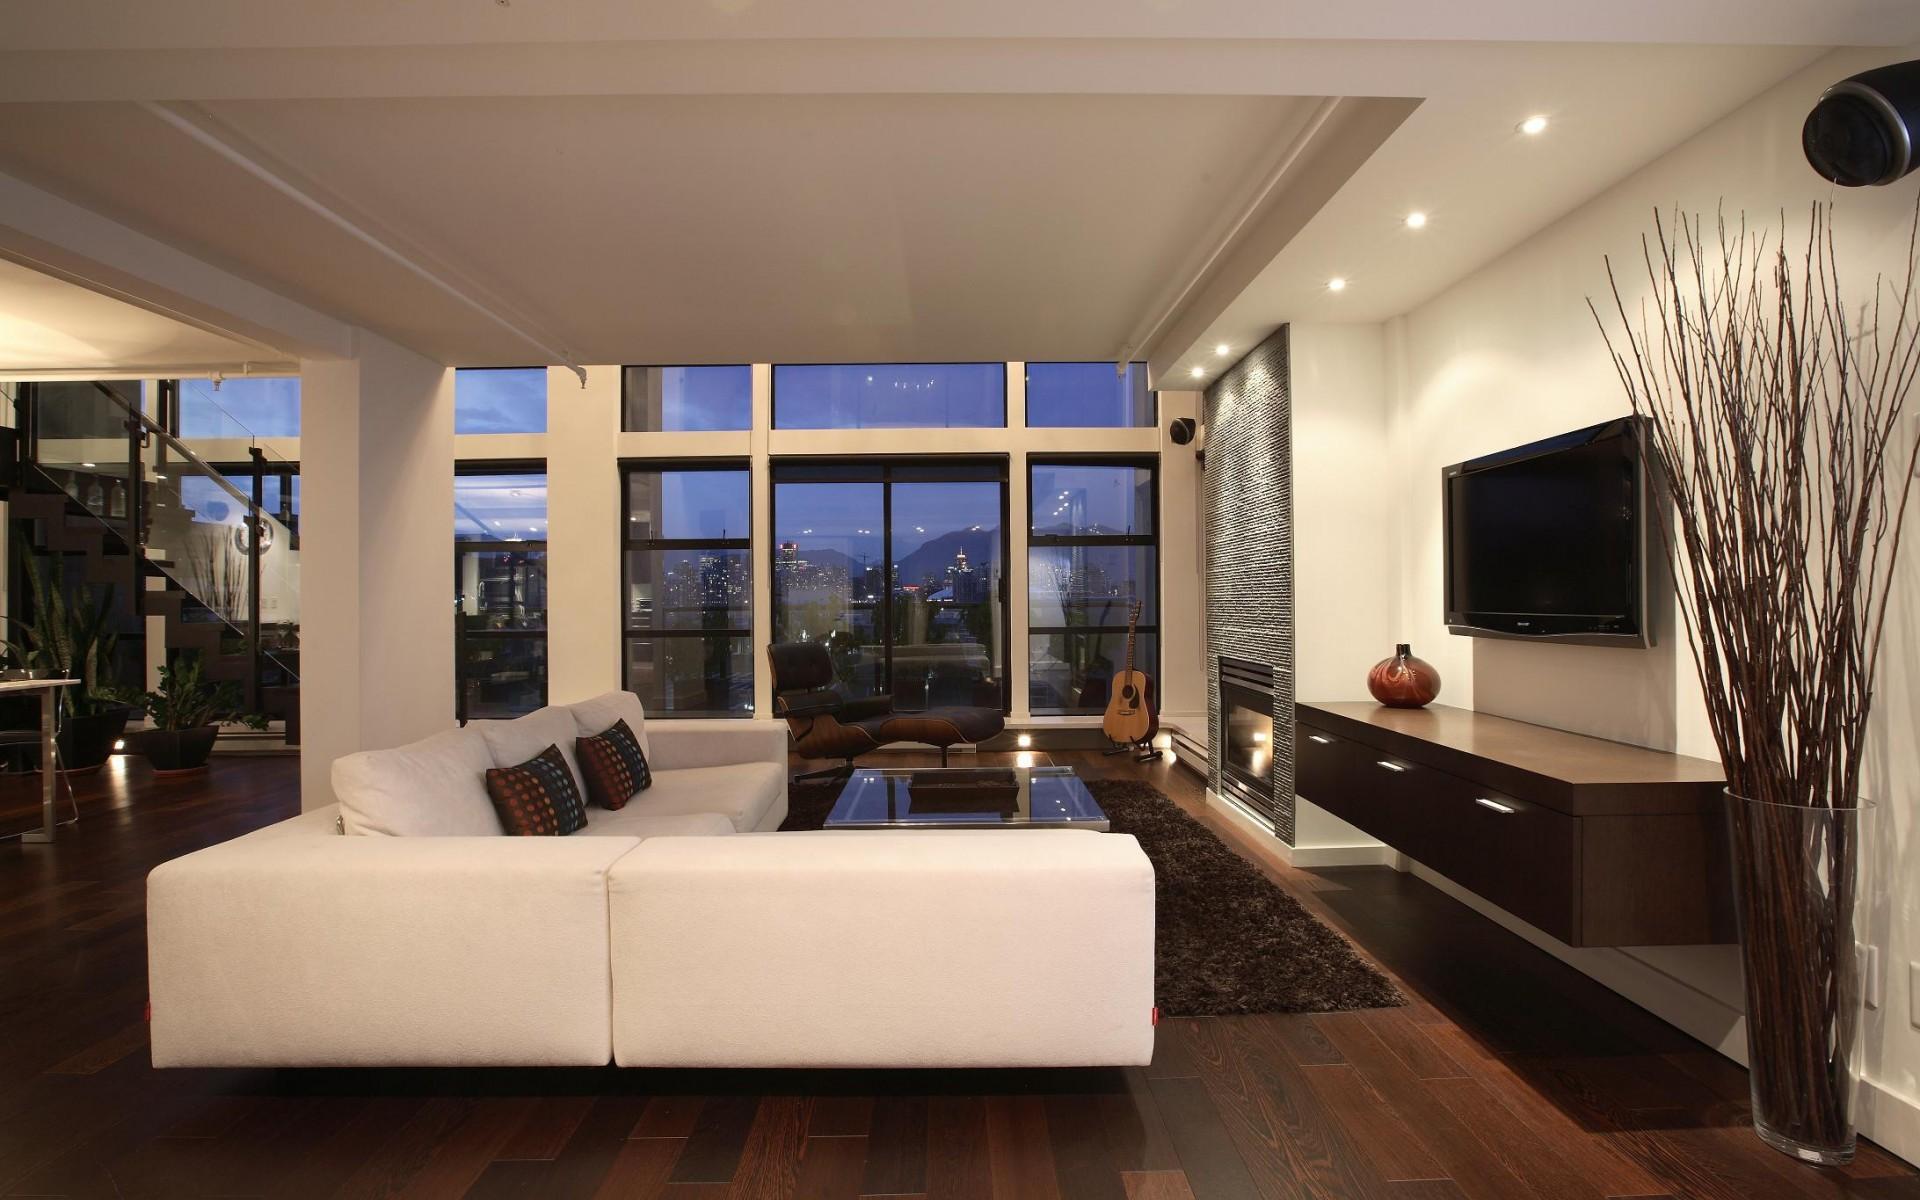 住宅装修时间怎么计算 住宅装修时间规定